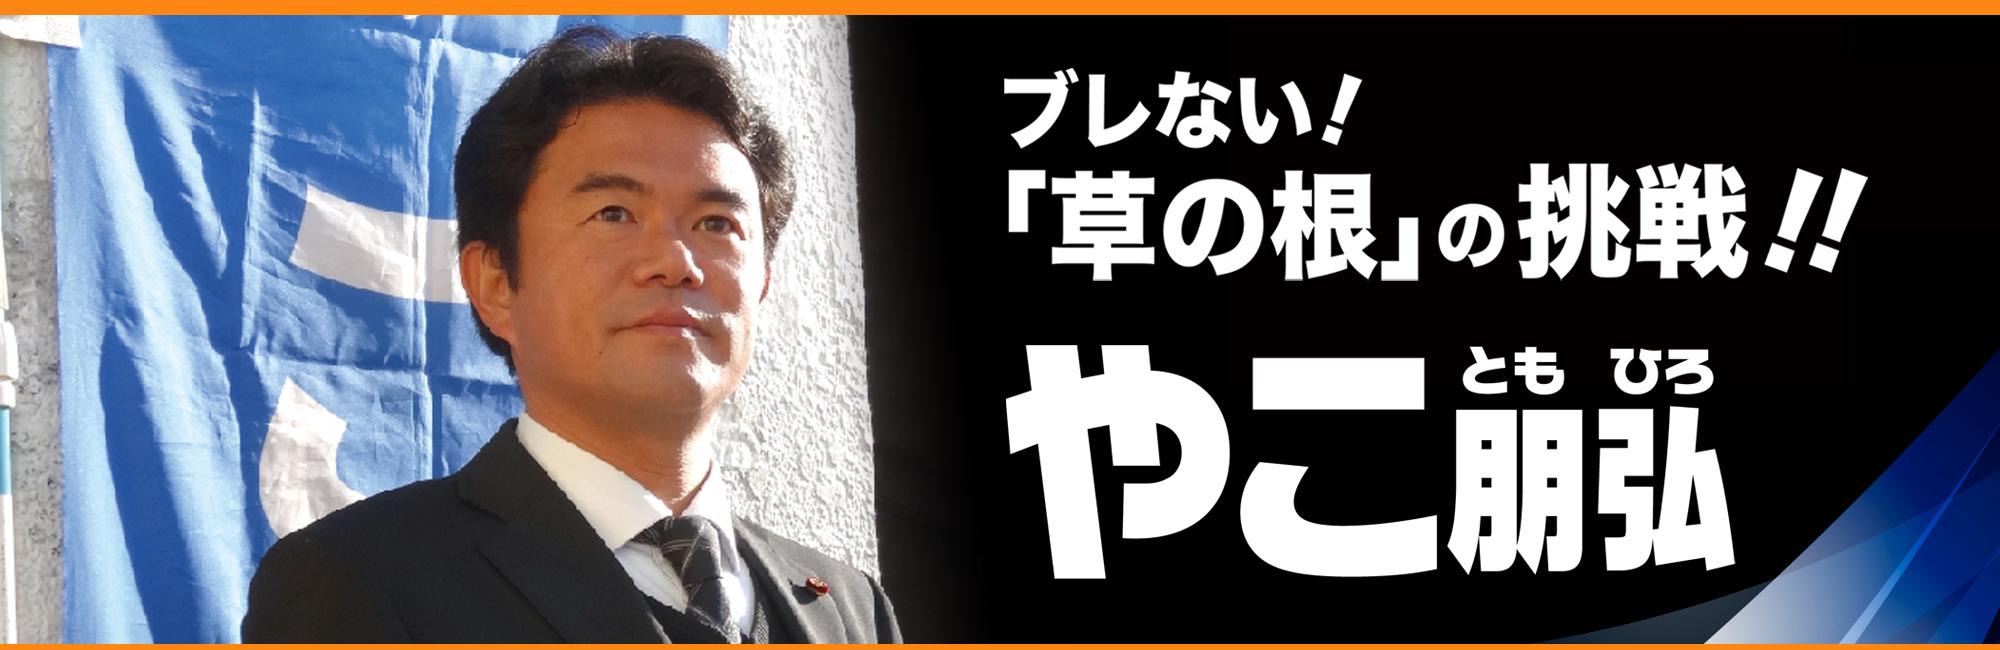 やこ朋弘(八子)埼玉県議会議員